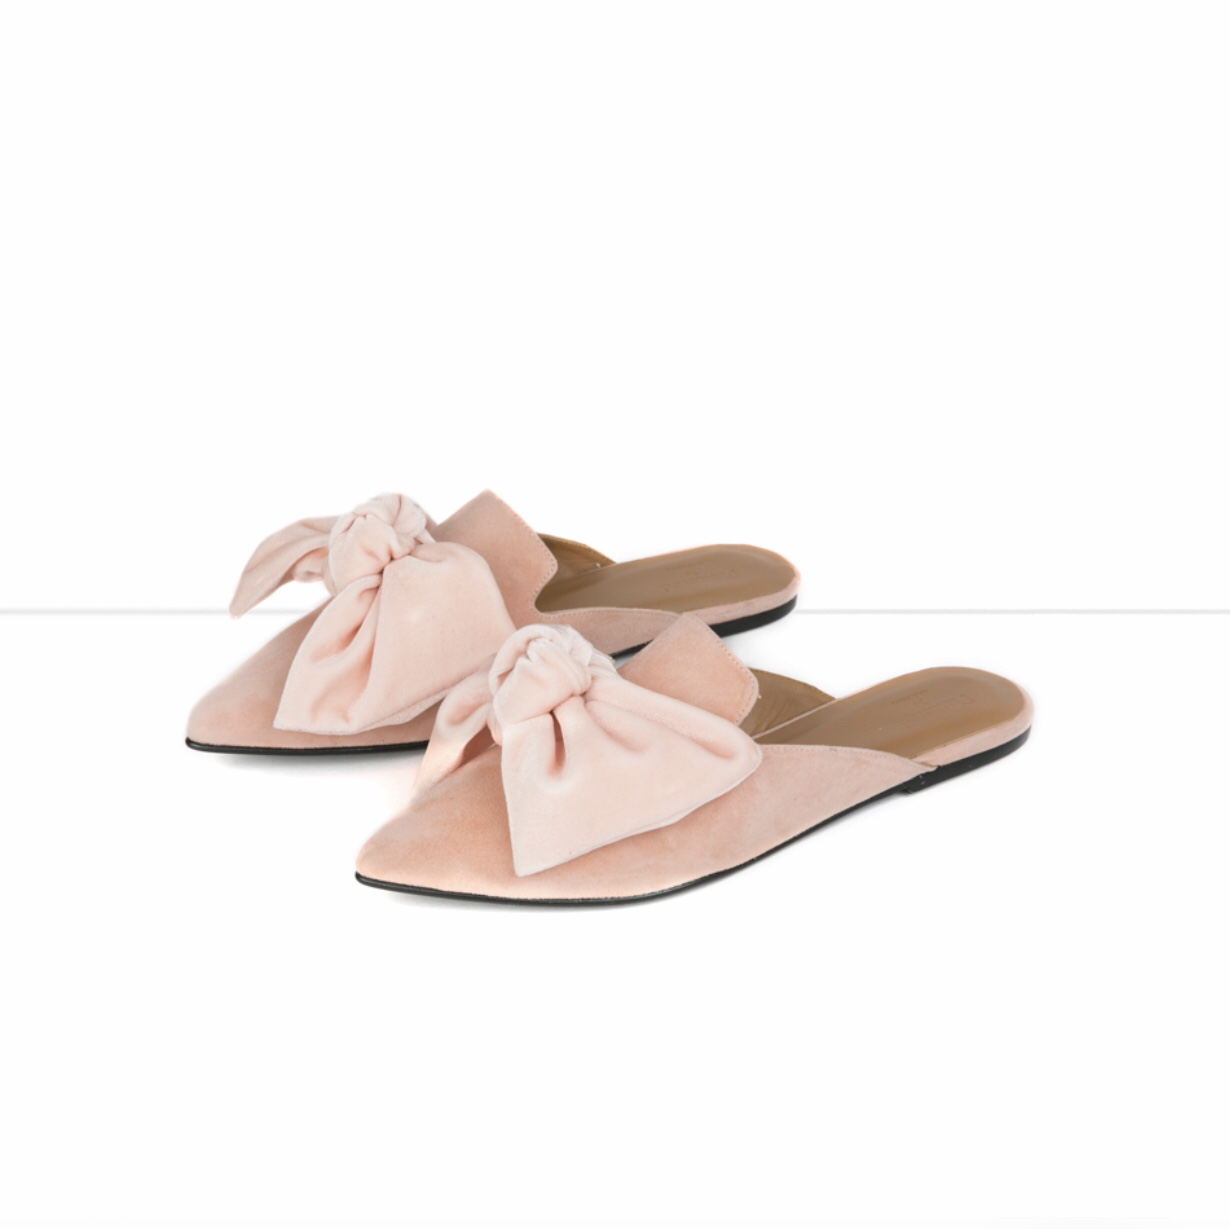 82b206918791 Inlägget innehåller annonslänk Det här är nog det finaste paret skor jag  har sett på länge. Jag kan inte hantera hur fina dom är.